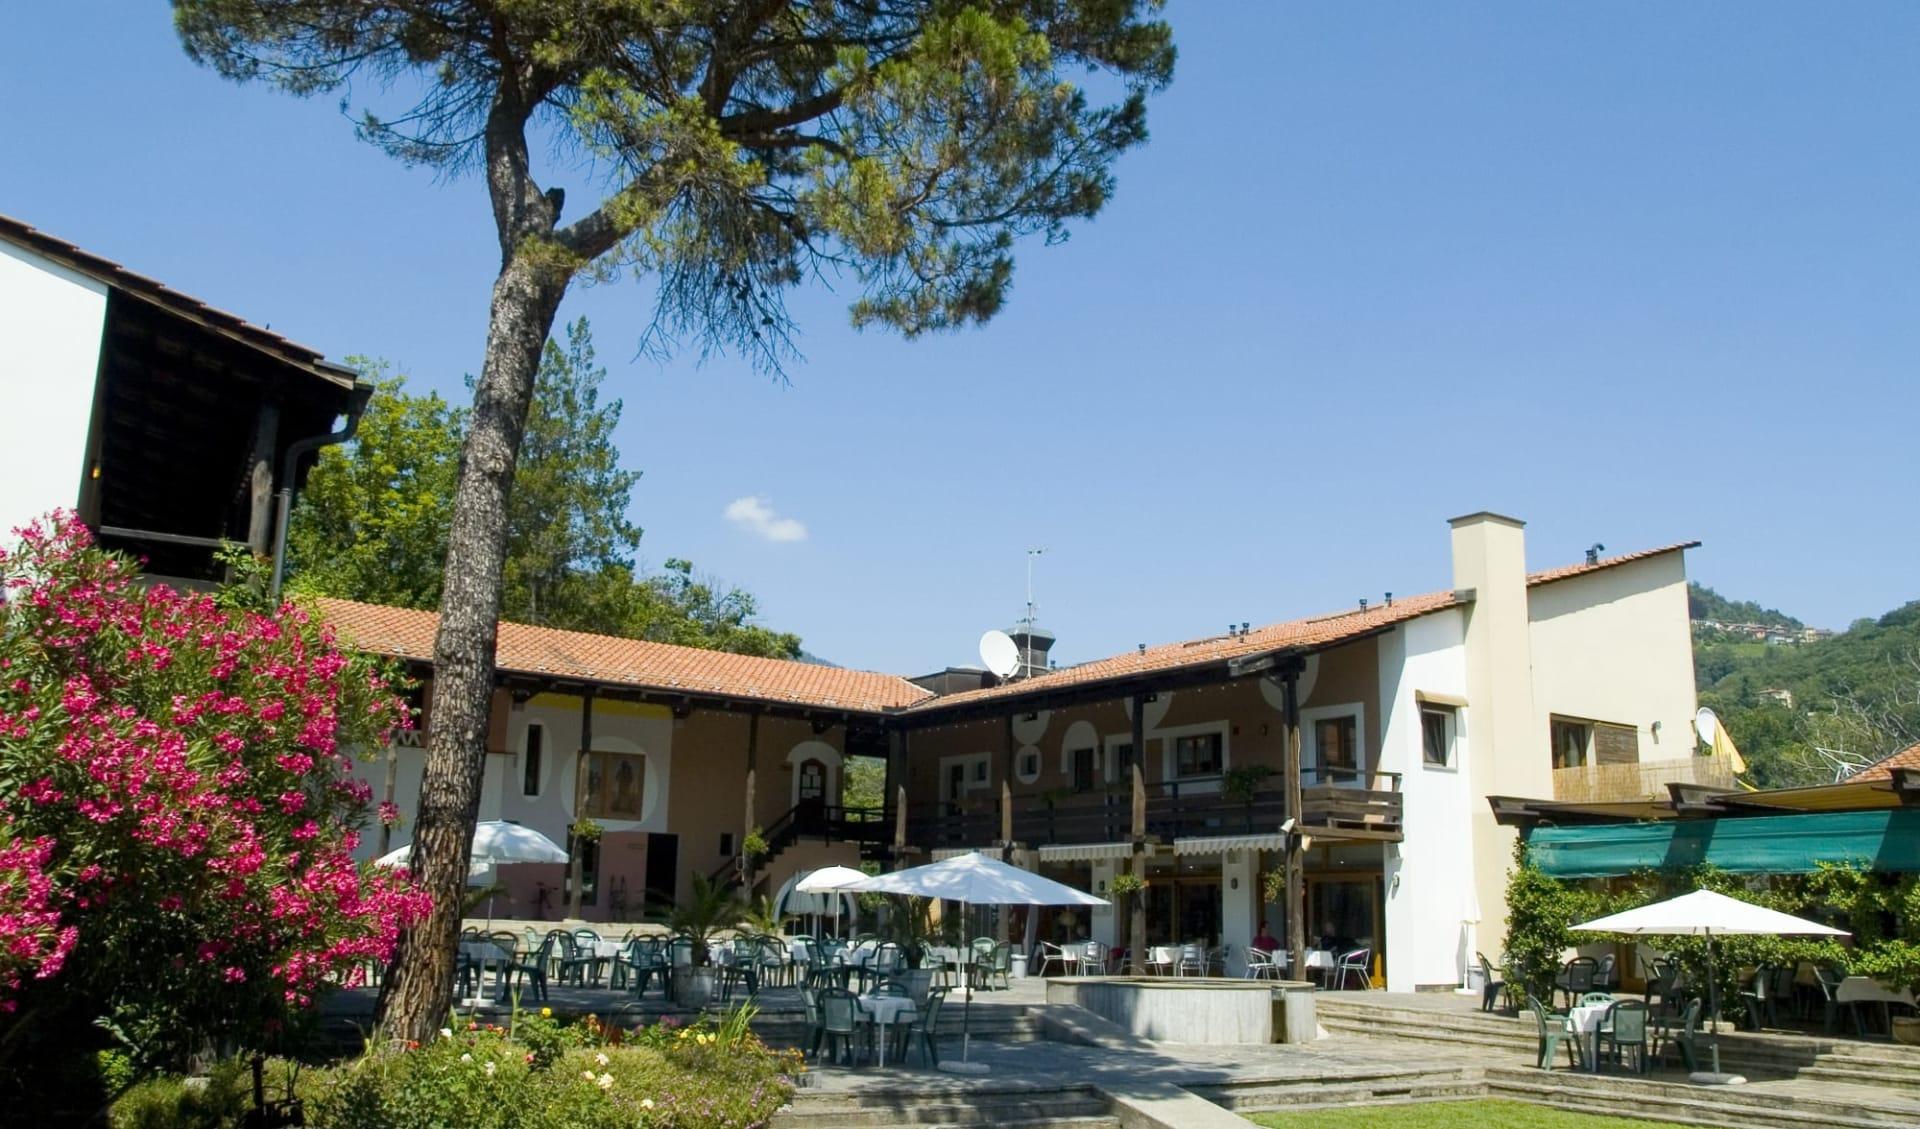 Sessa - Hotel i Grappoli: Eingang i Grappoli